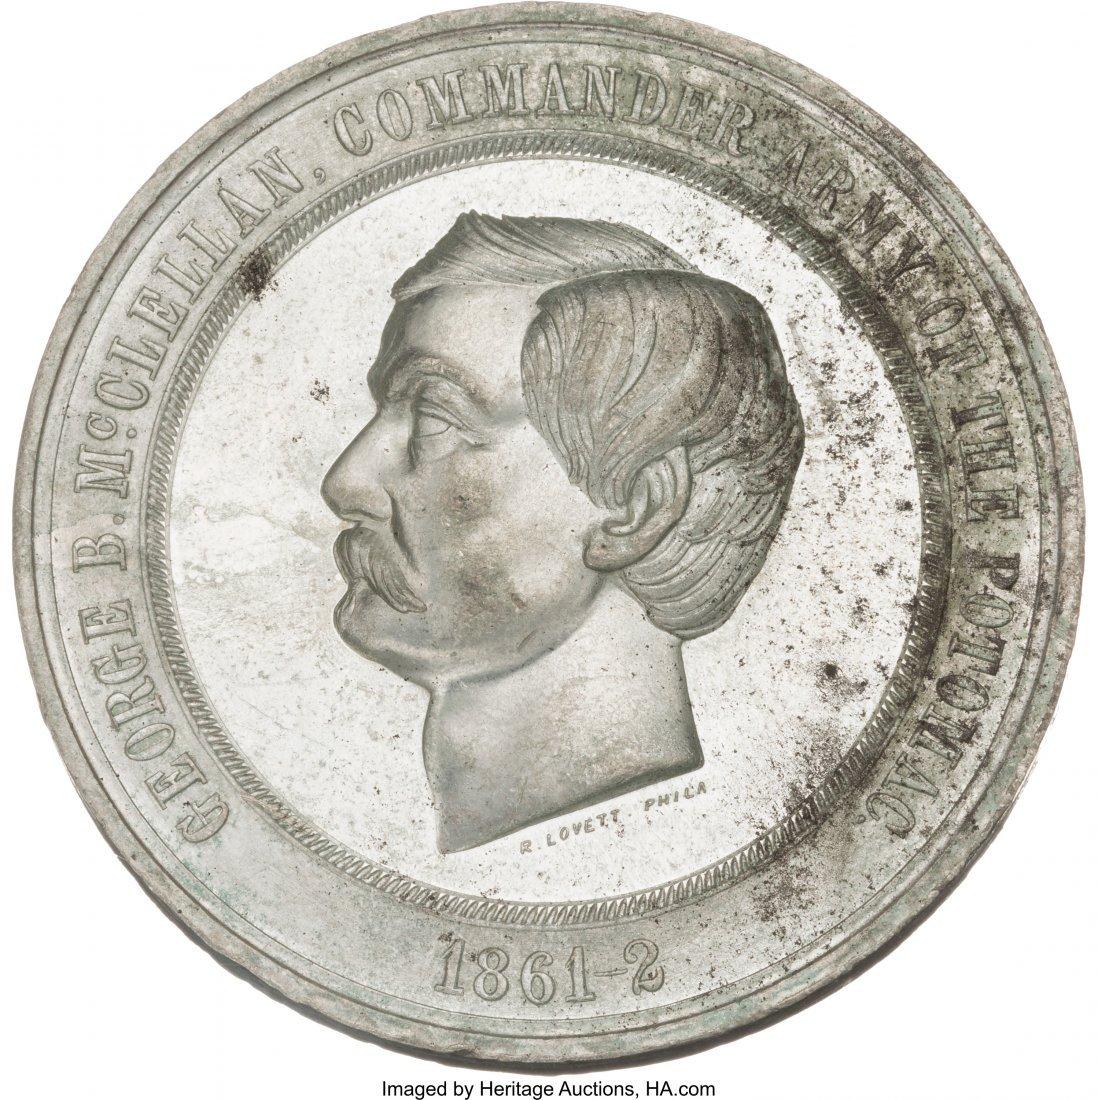 43227: George B. McClellan: High Relief Medal by Lovett